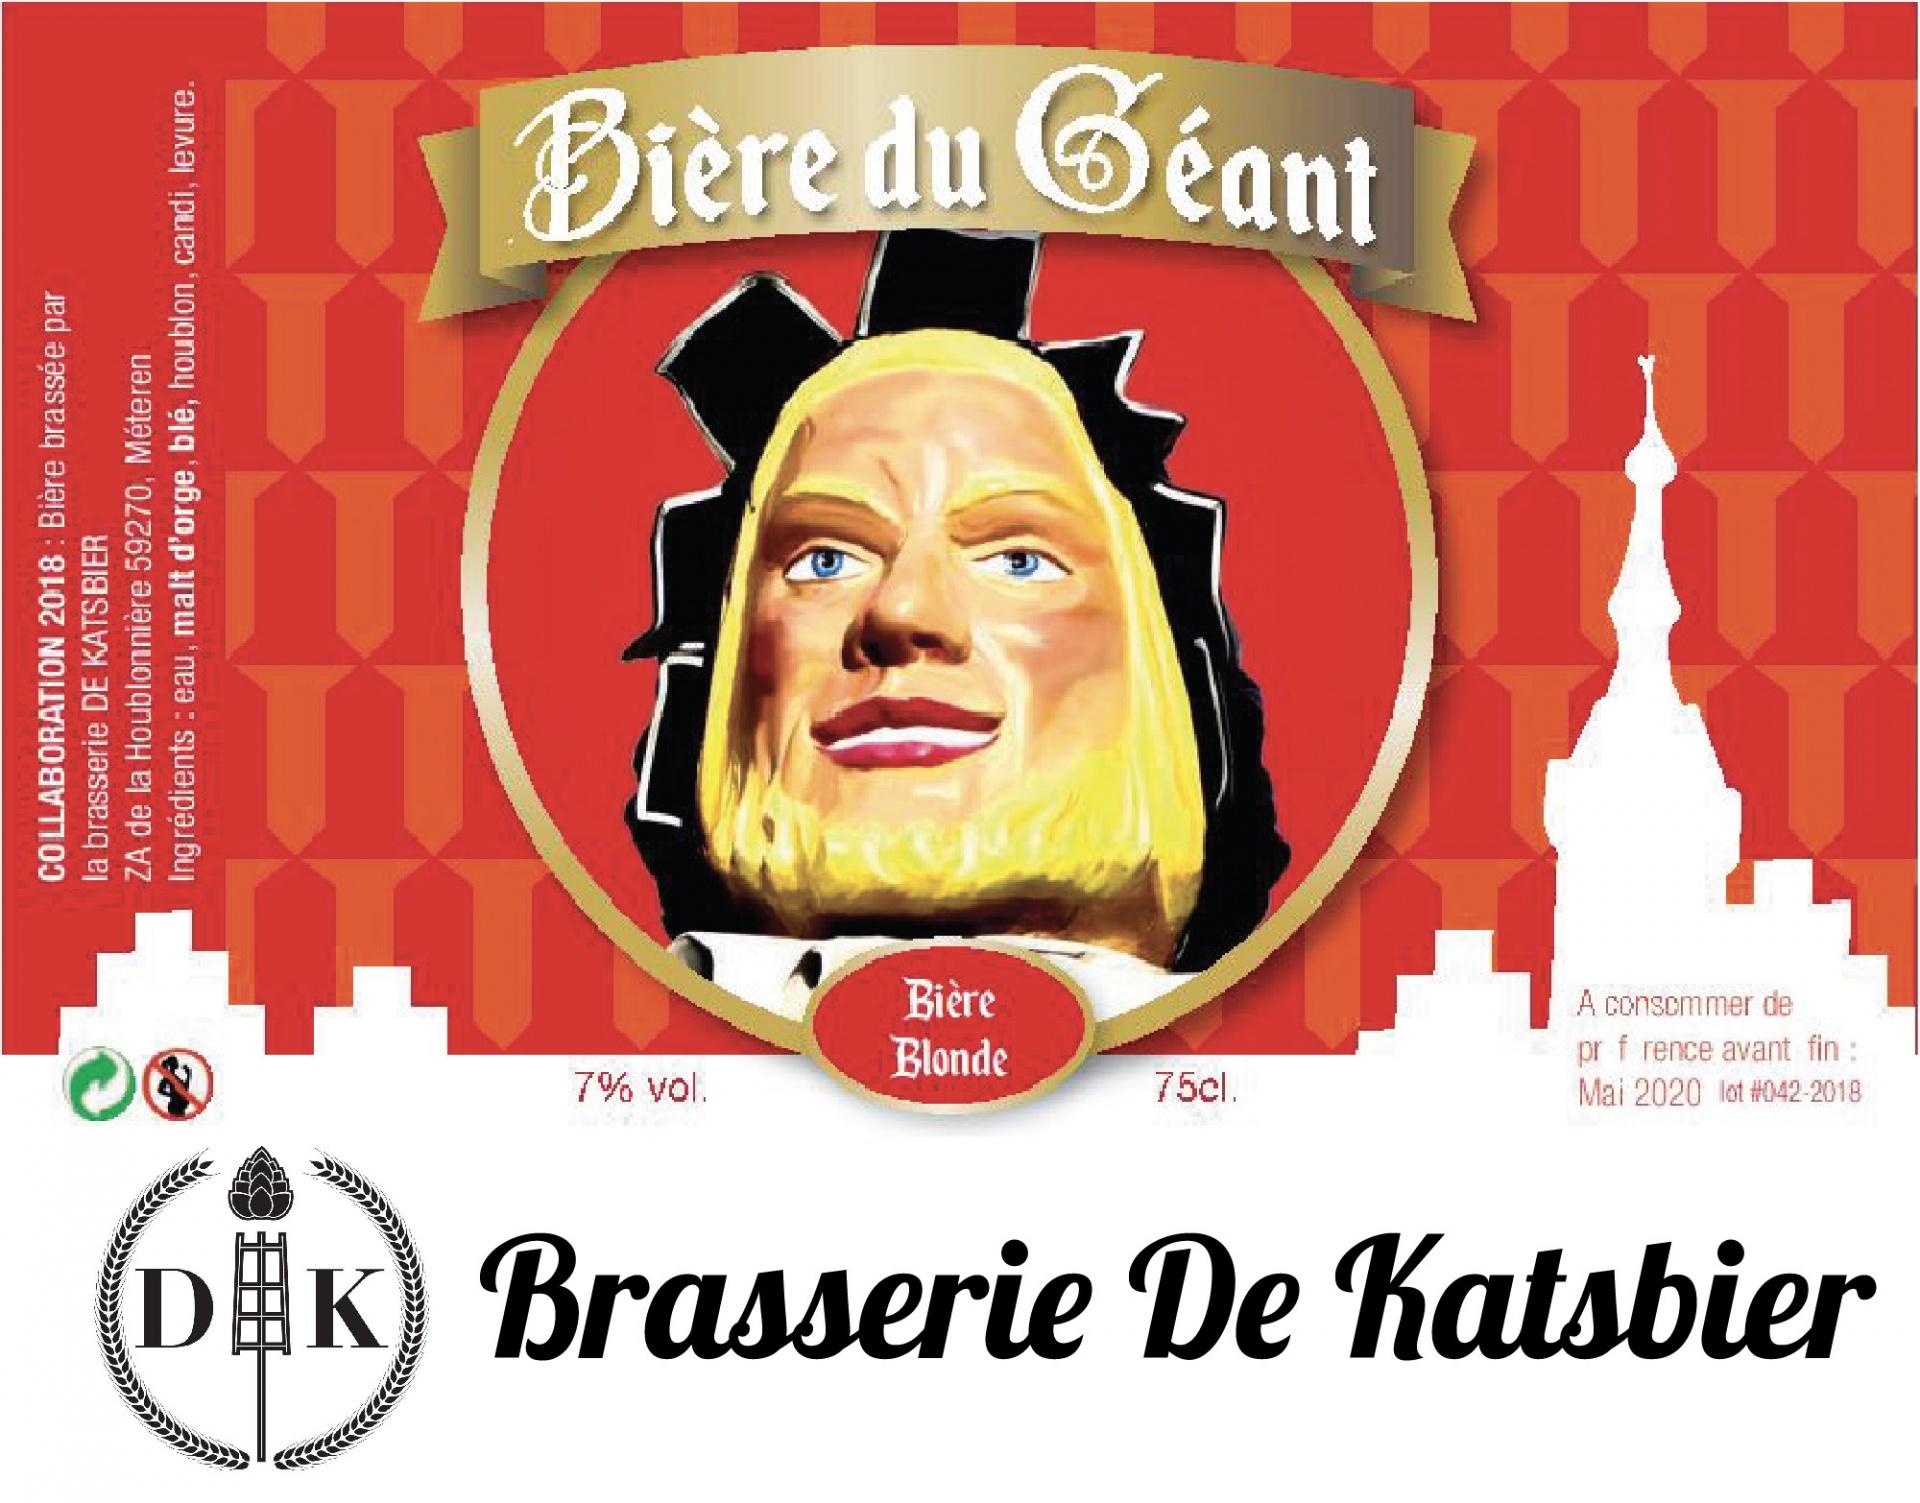 Brasserie de Katsbier_Plan de travail 1